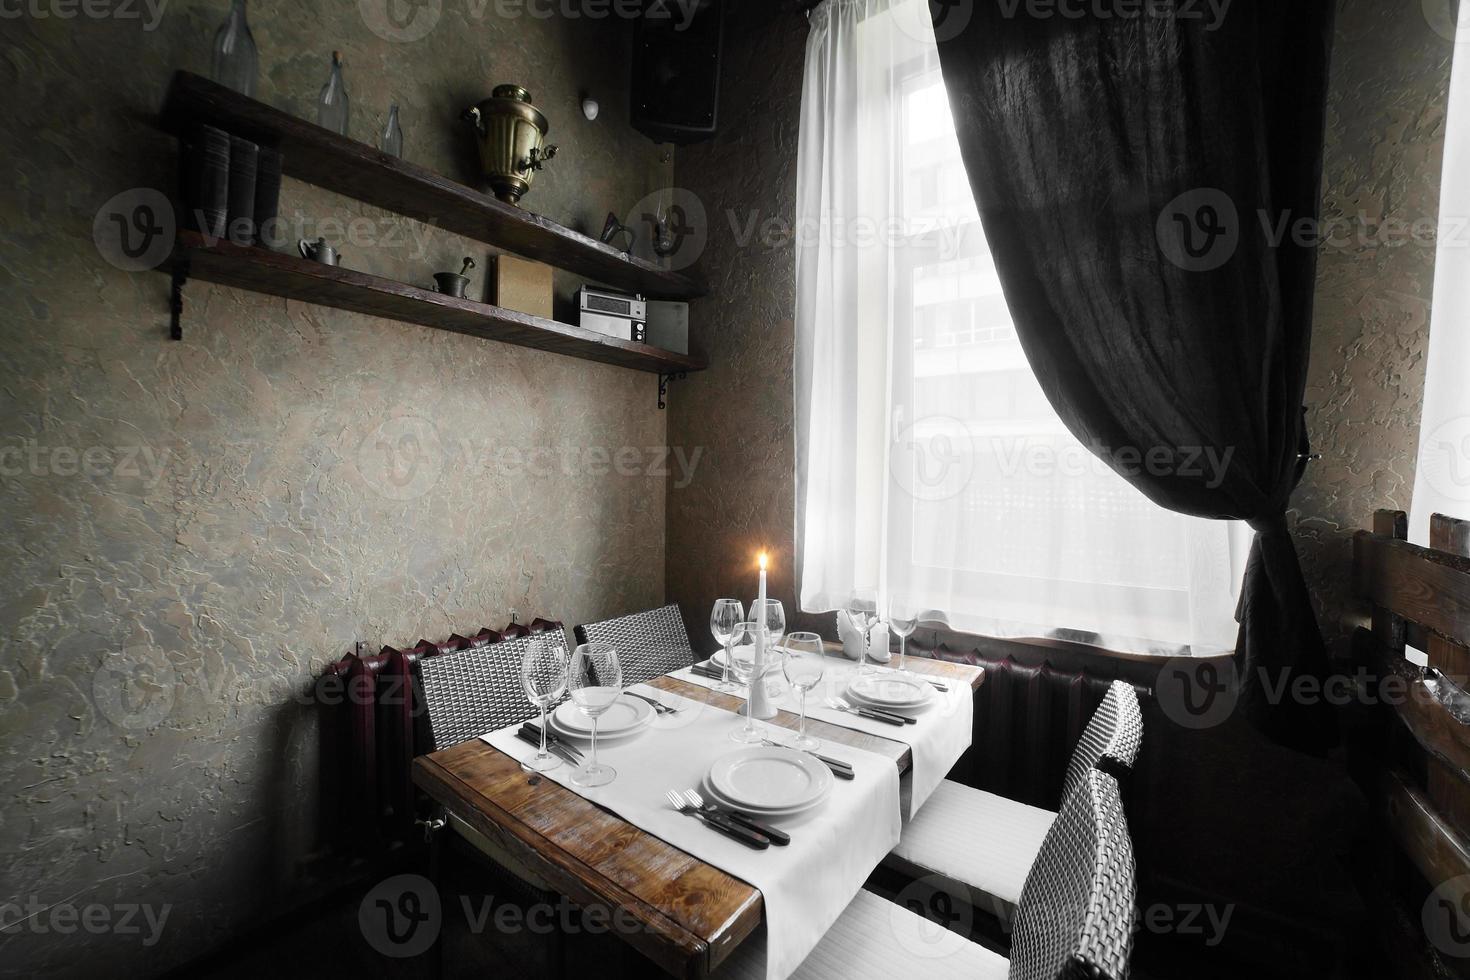 restaurante europeo en colores vivos foto